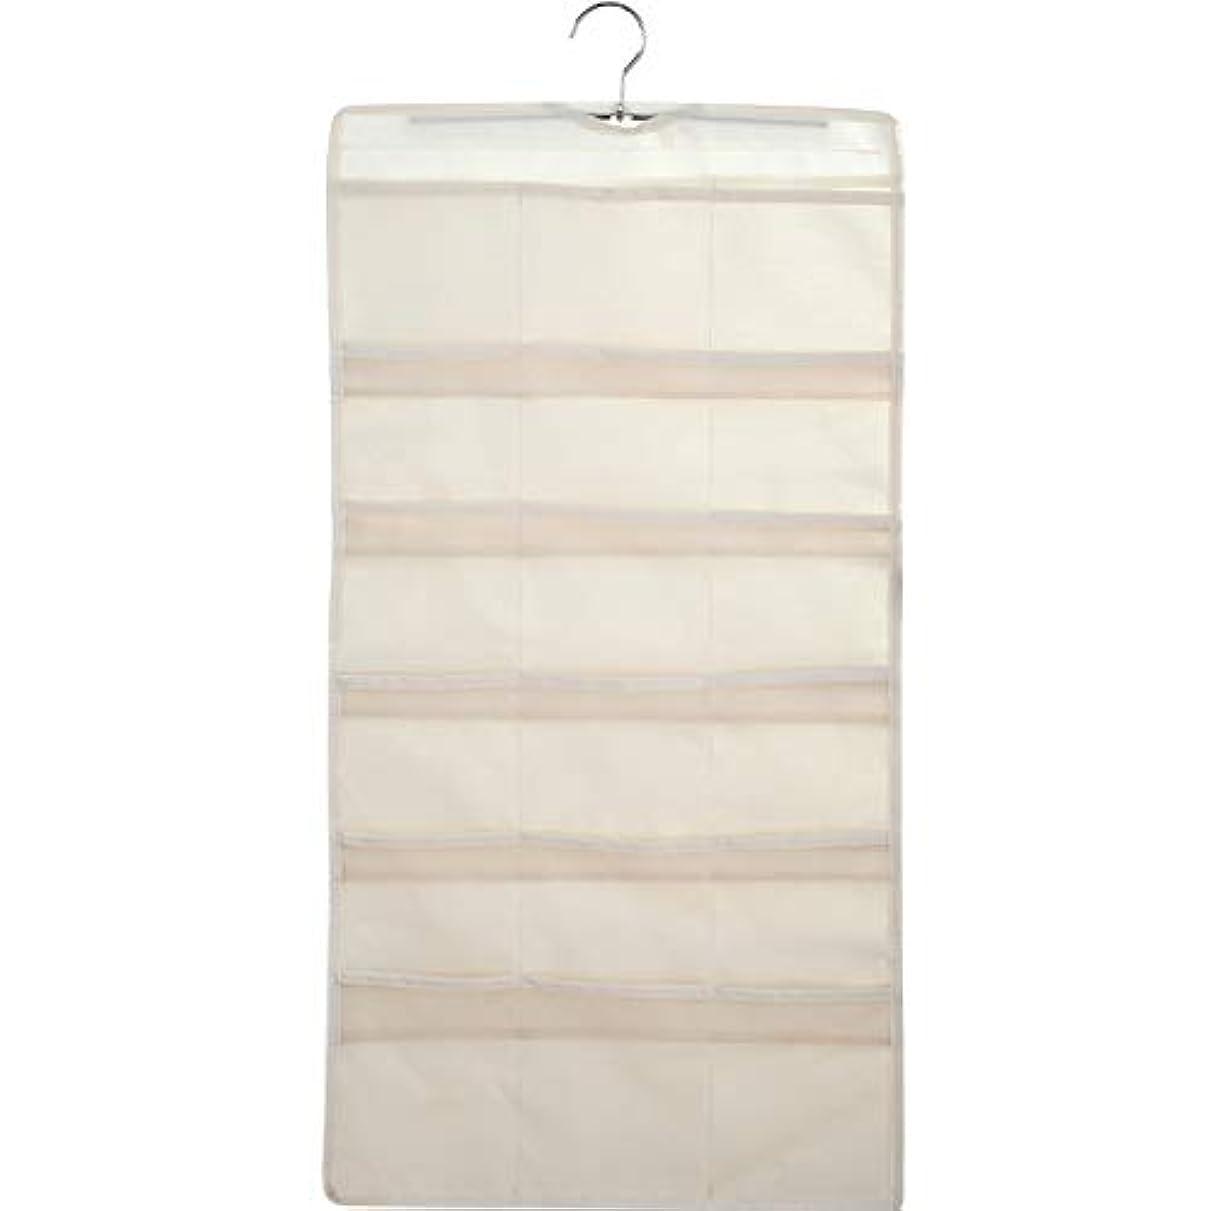 天皇がっかりするサイクル大きくて深いポケットが付いている掛かる収納オーガナイザー、小さいワードローブのための両面スペース節約衣服オーガナイザー,A